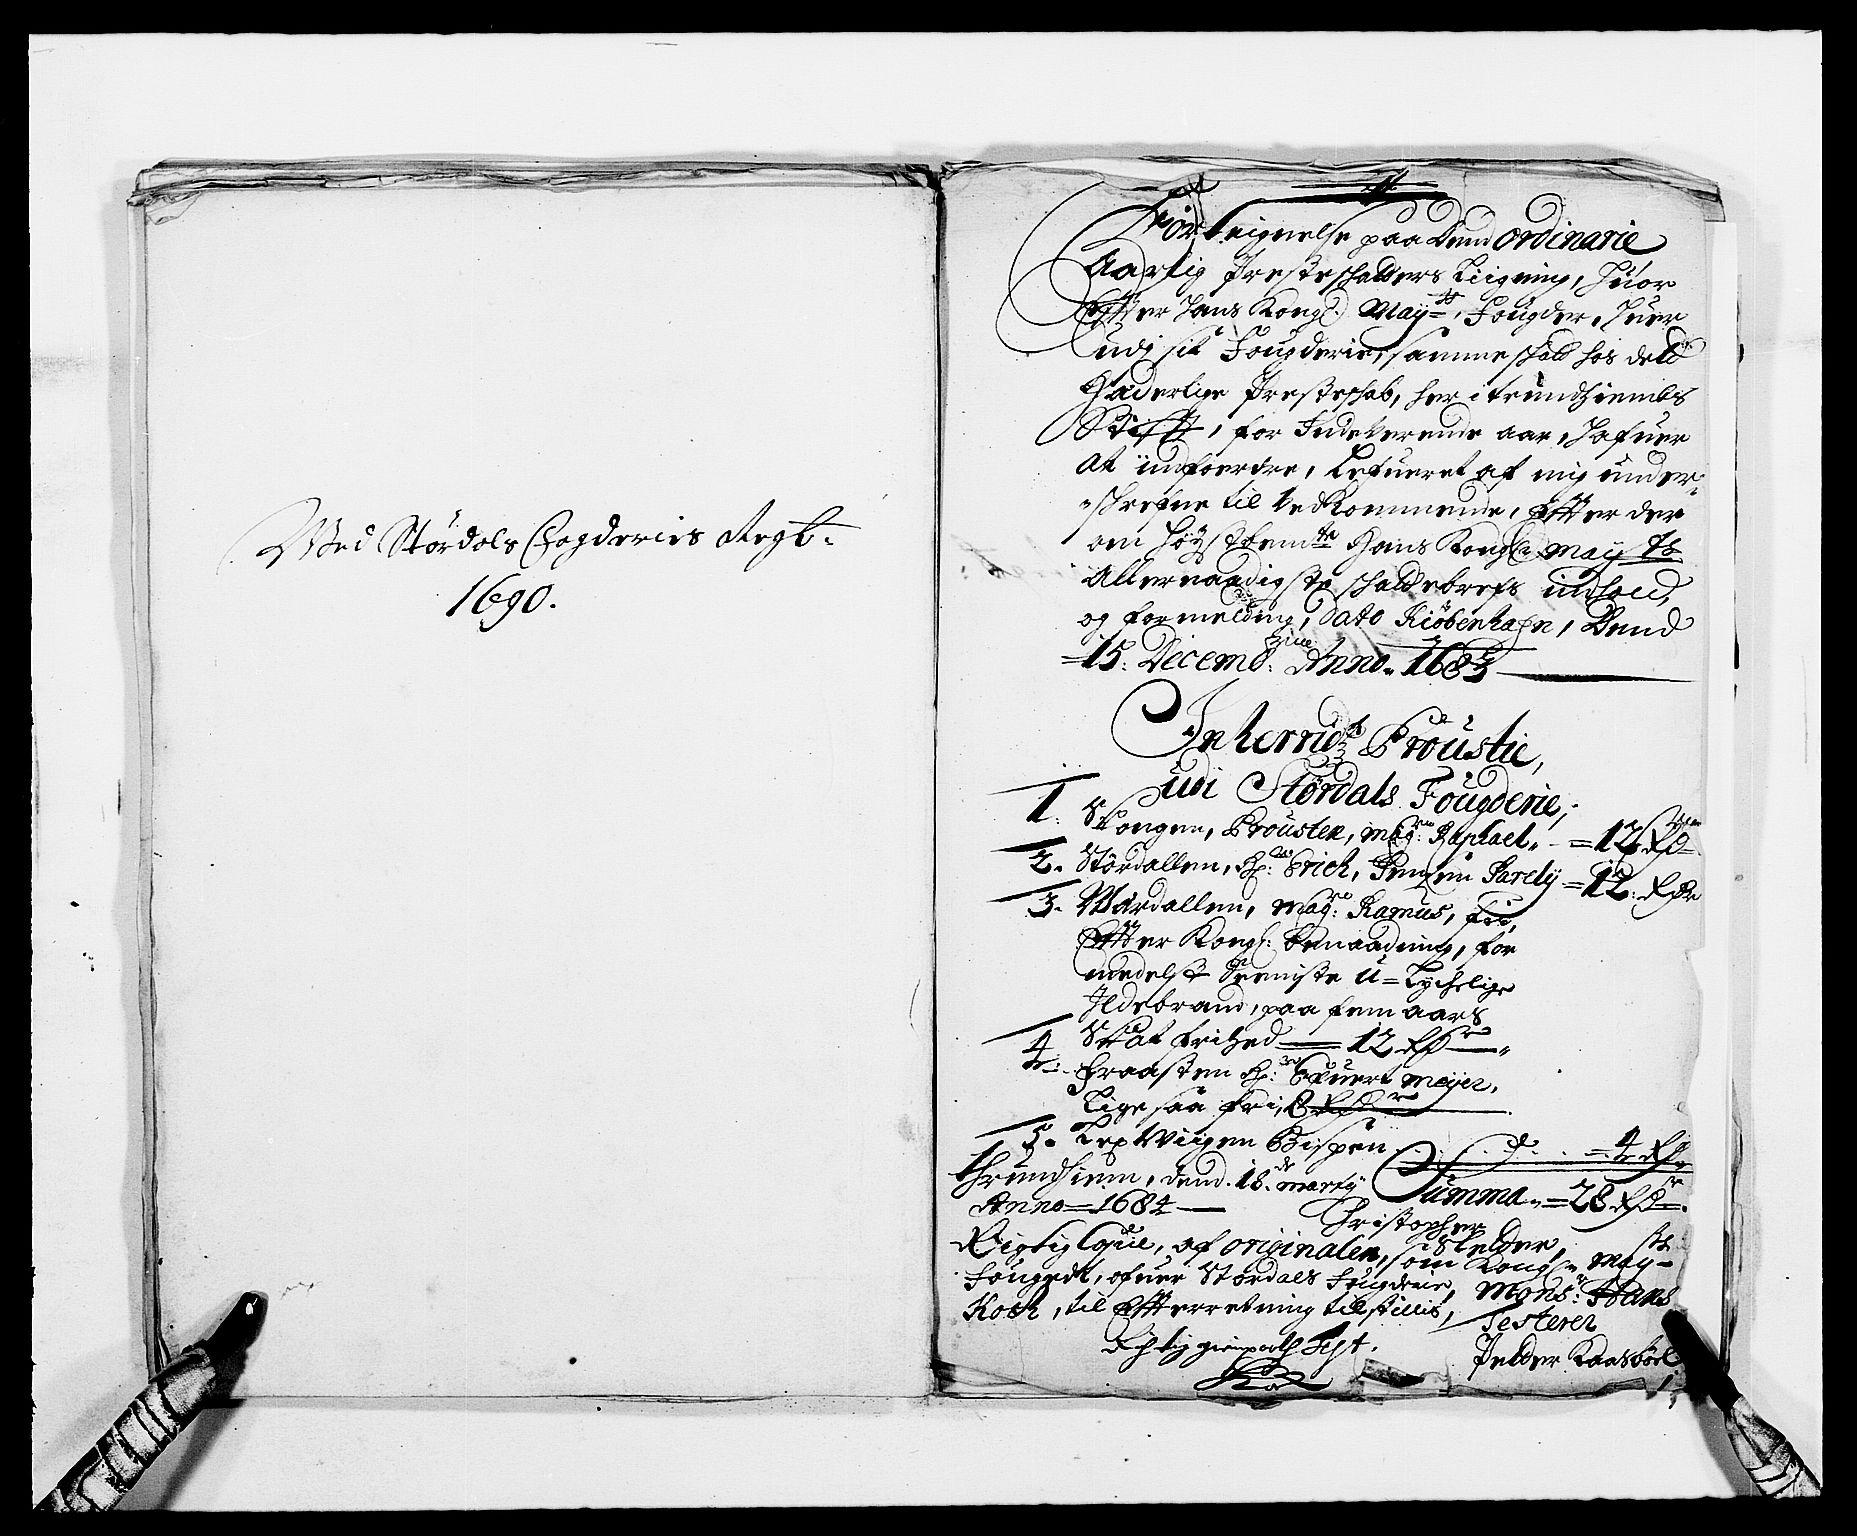 RA, Rentekammeret inntil 1814, Reviderte regnskaper, Fogderegnskap, R62/L4184: Fogderegnskap Stjørdal og Verdal, 1690-1691, s. 178